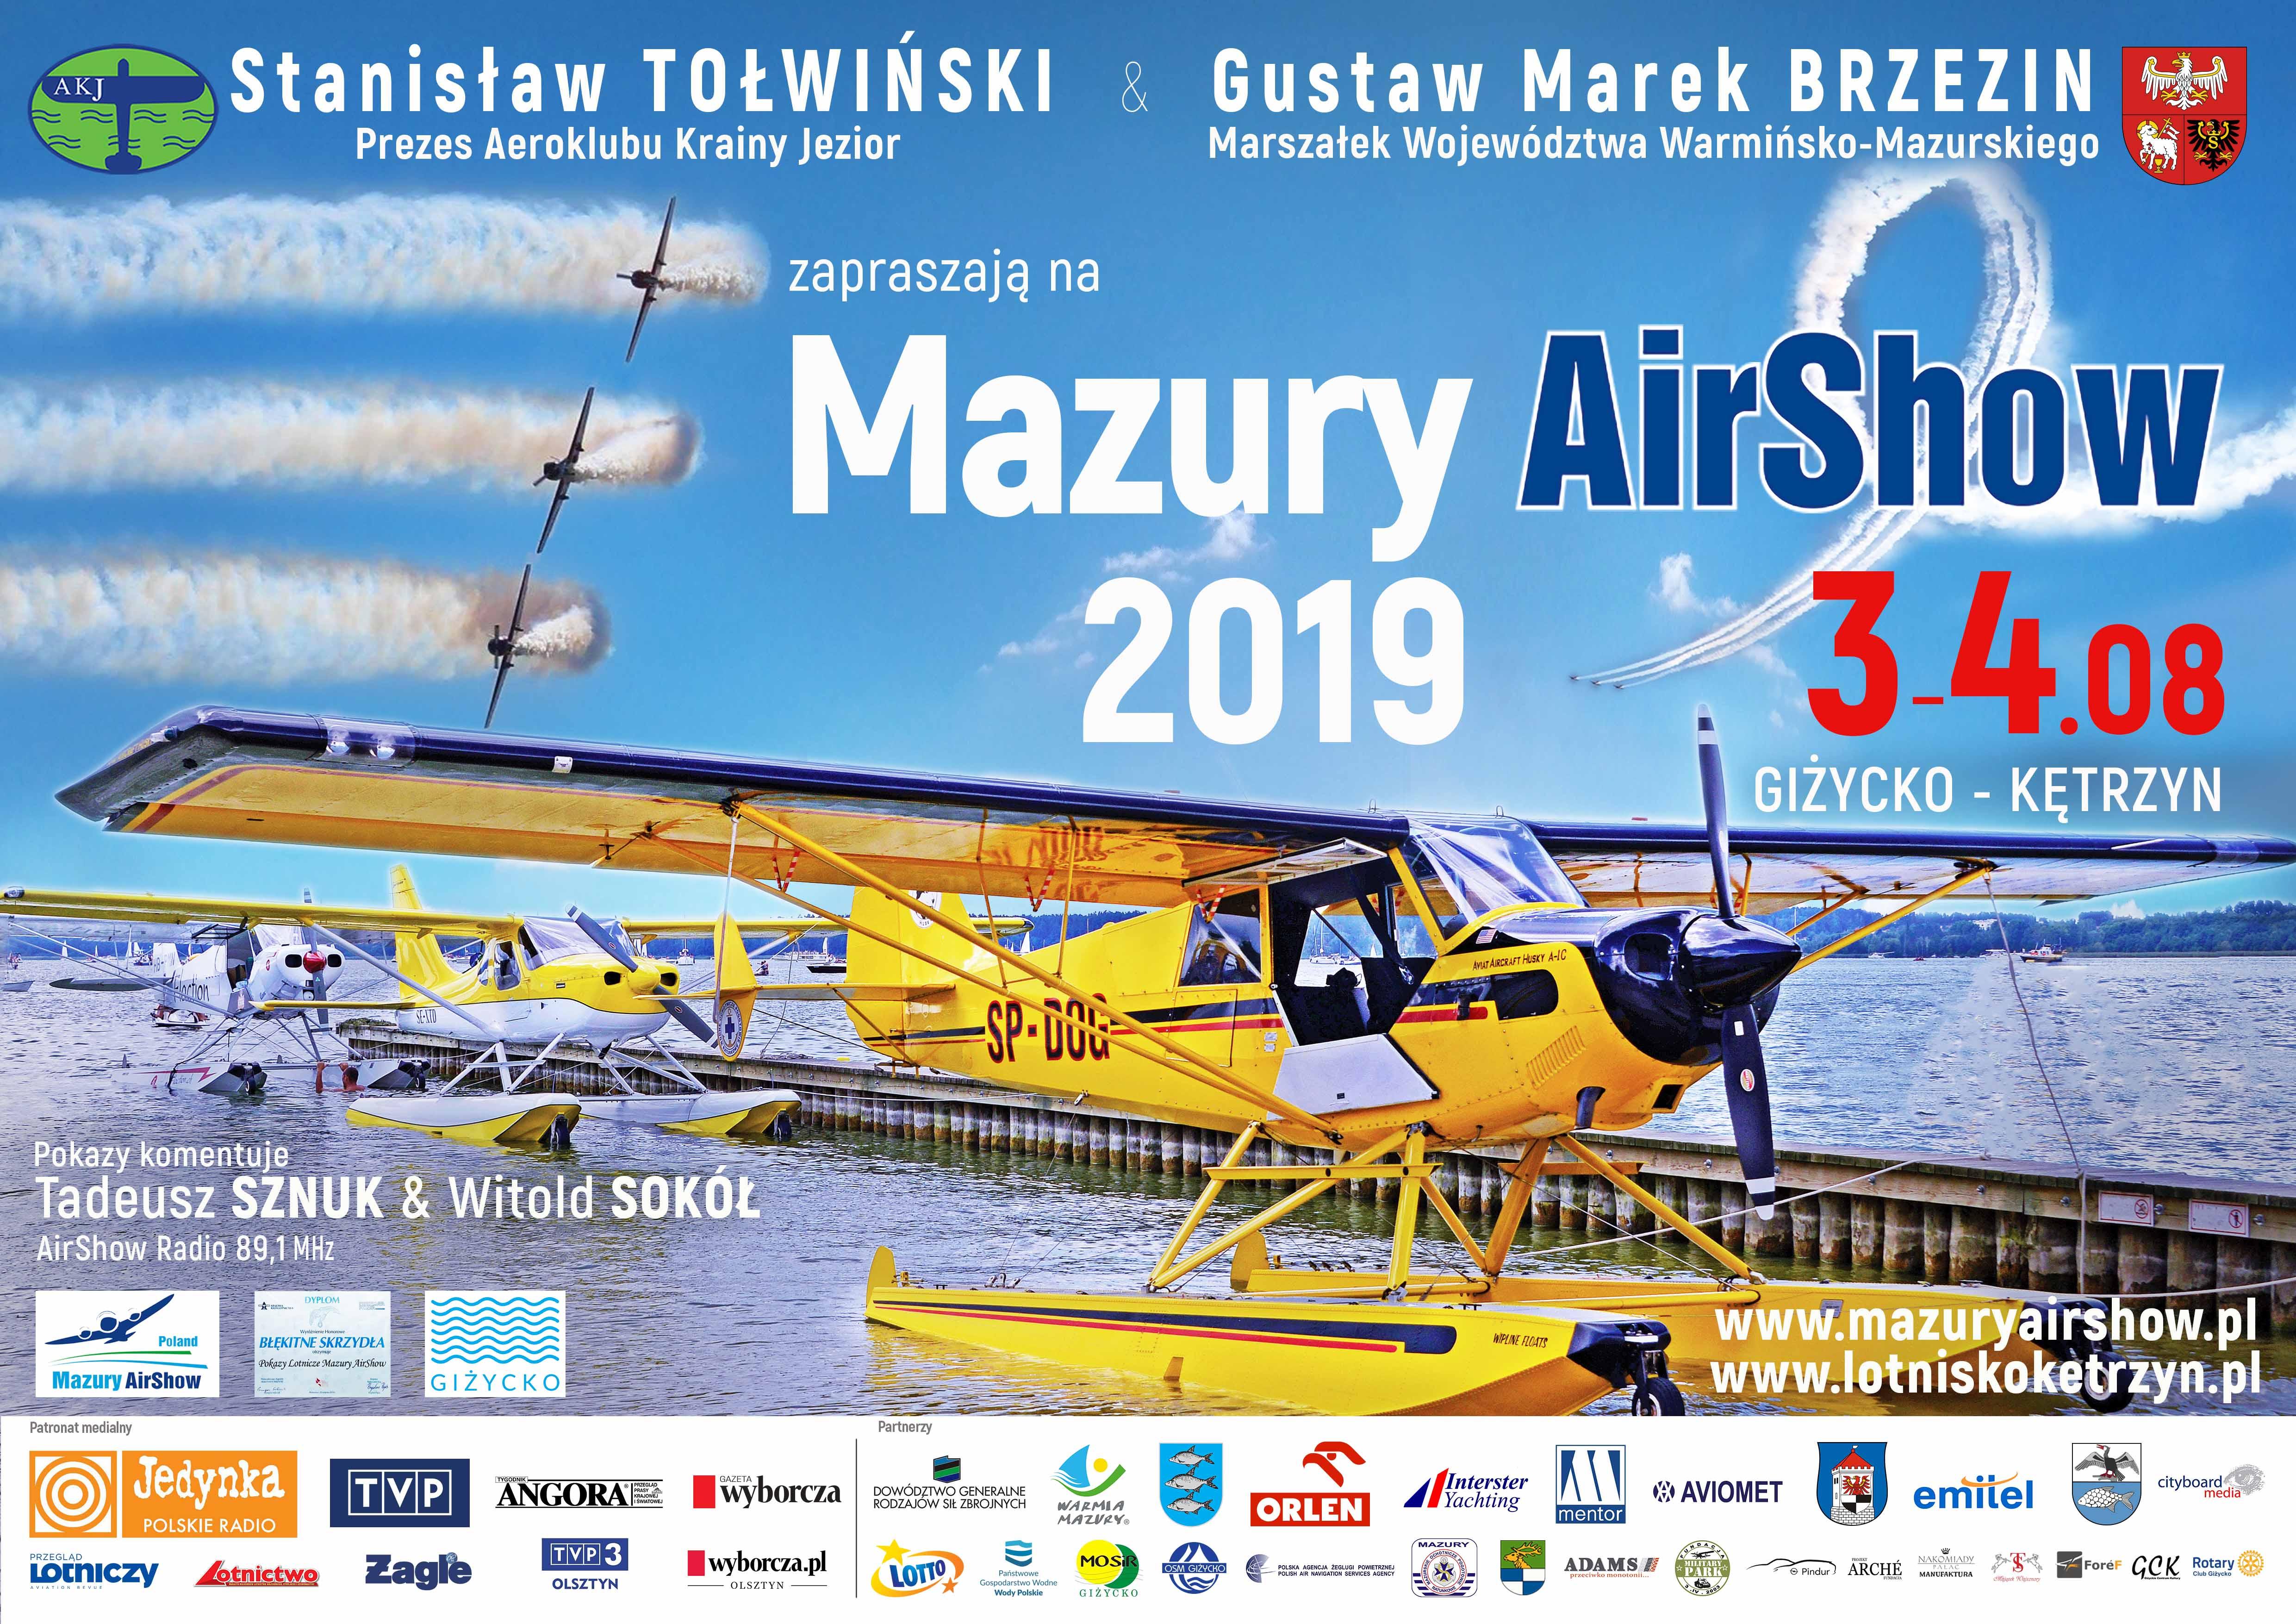 Ilustracja do informacji: ZAPROSZENIE NA MAZURY AIRSHOW 2019